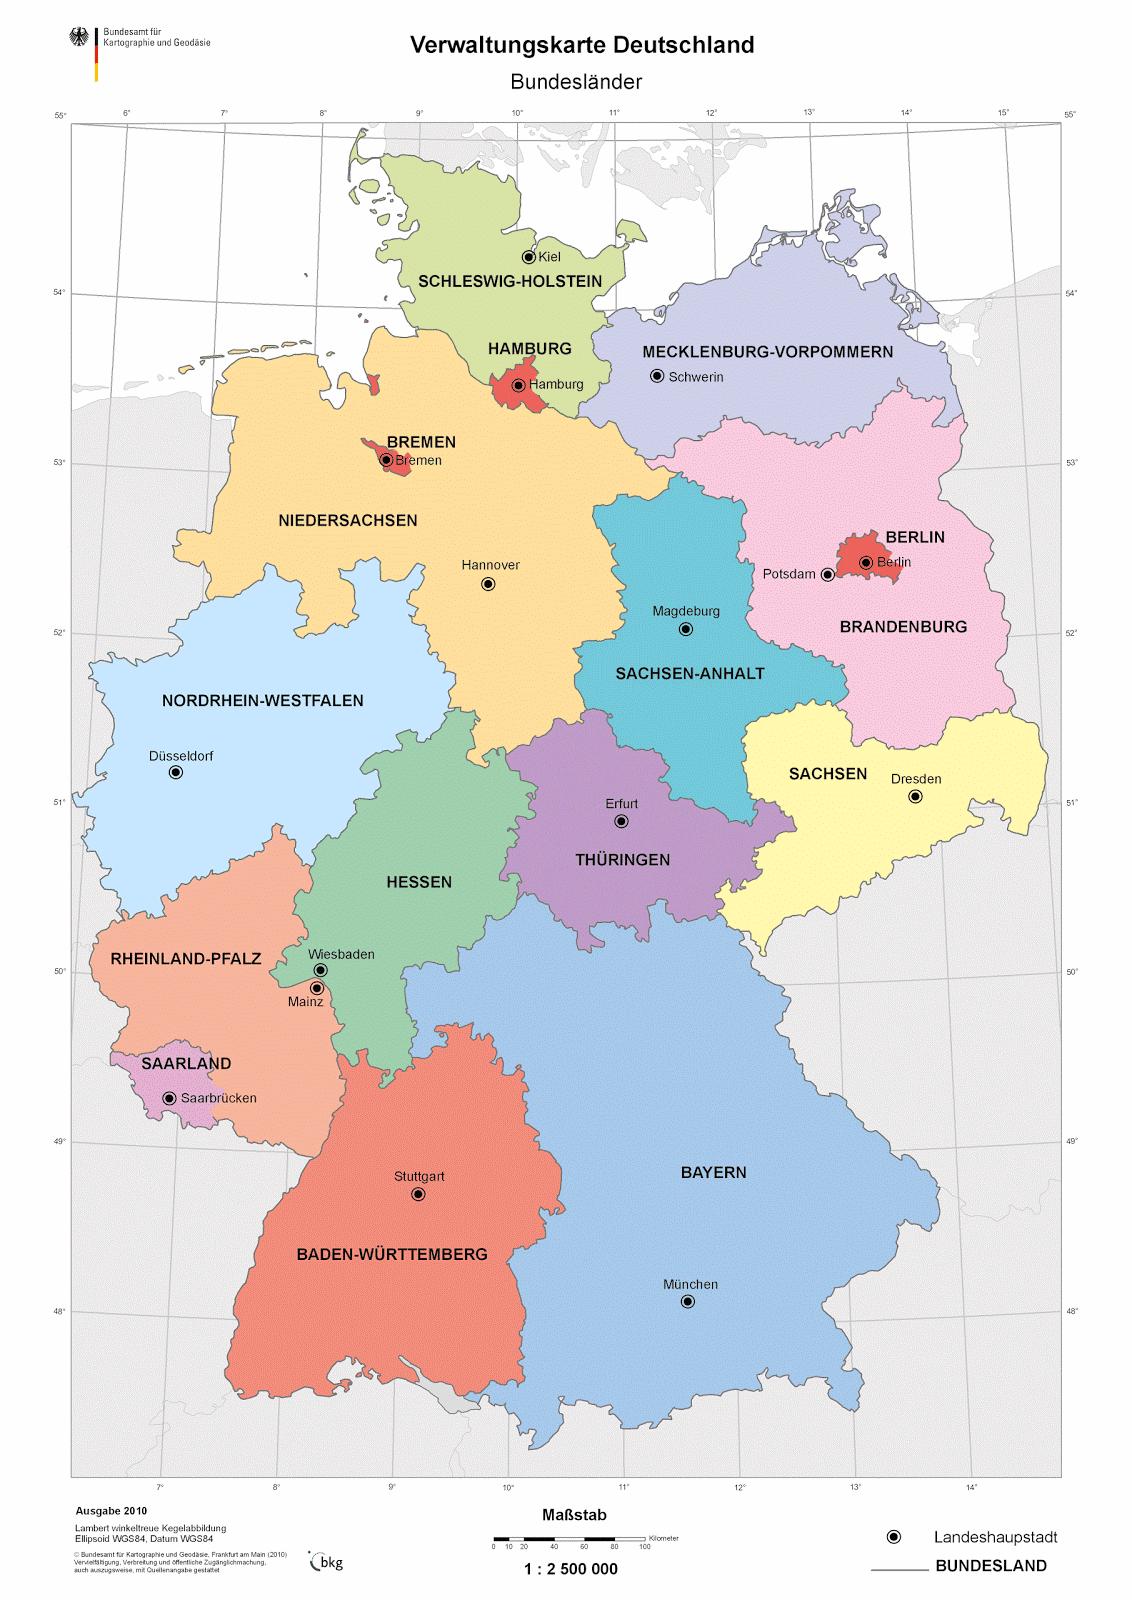 karte bundesländer zum ausdrucken Landkartenblog: Online: Verwaltungskarte Deutschland der Bundesländer